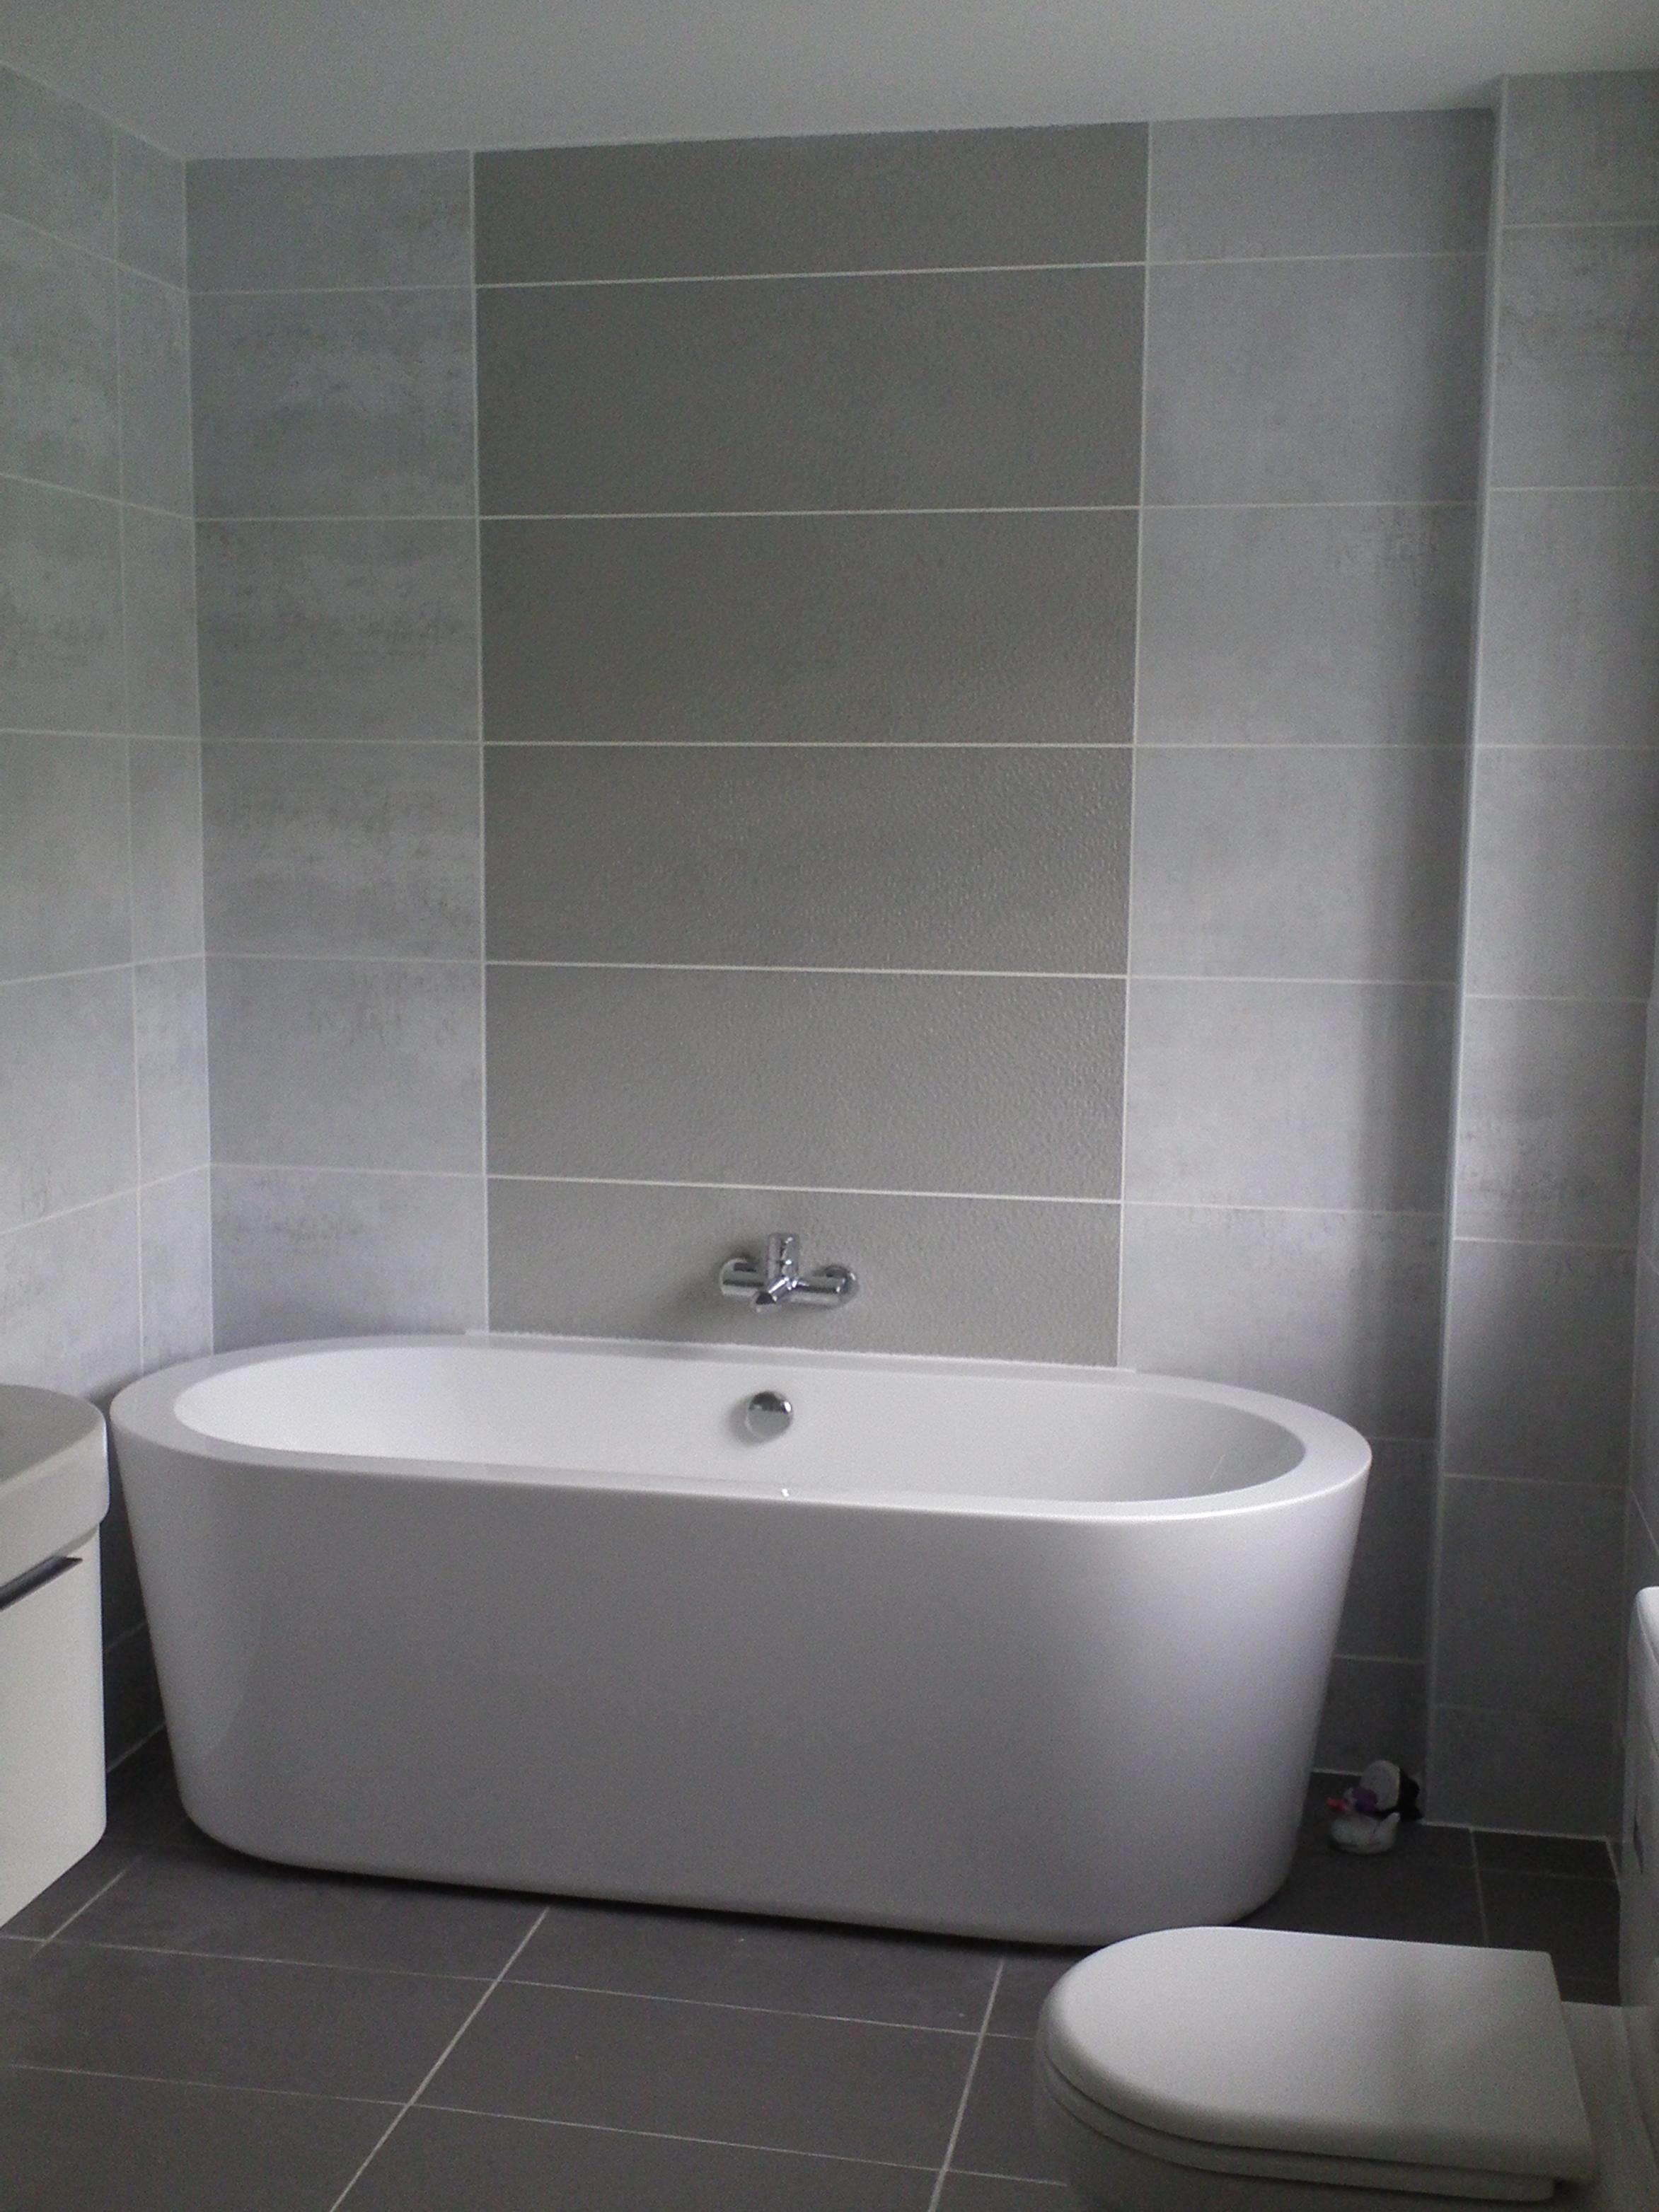 Badezimmer ideen bilder  schockierende grauen und weißen badezimmer ideen bilder